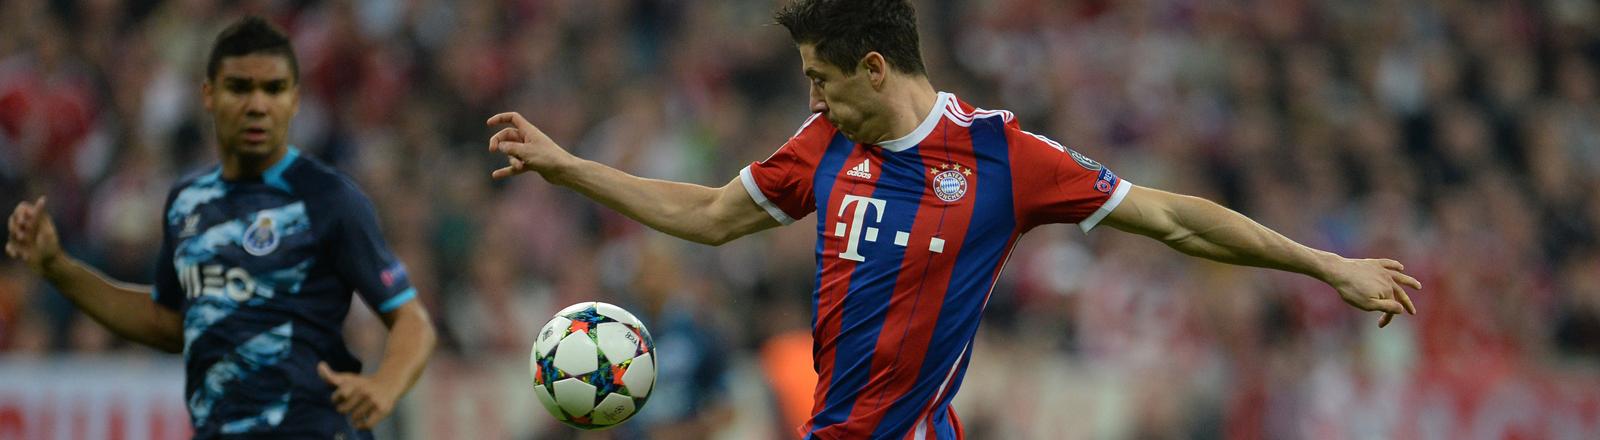 Fußball Champions League Viertelfinale Rückspiel: FC Bayern München - FC Porto am 21.04.2015 in der Arena in München (Bayern). Robert Lewandowski von München schießt aufs Tor.